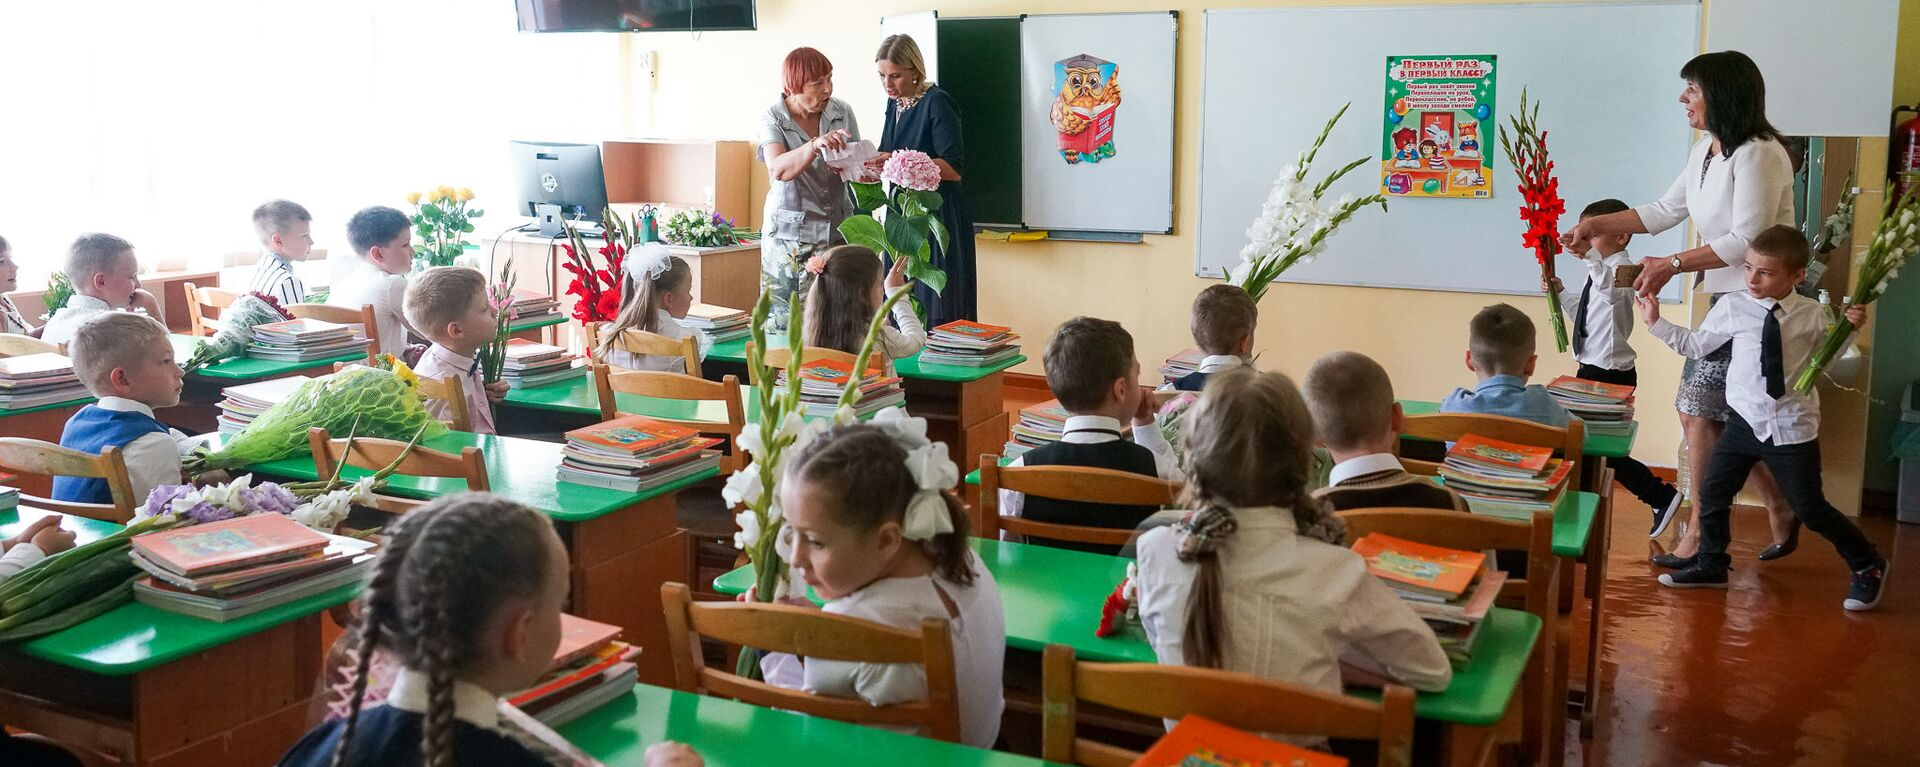 День знаний в Рижской средней школе №88. Первый класс - Sputnik Латвия, 1920, 23.08.2021